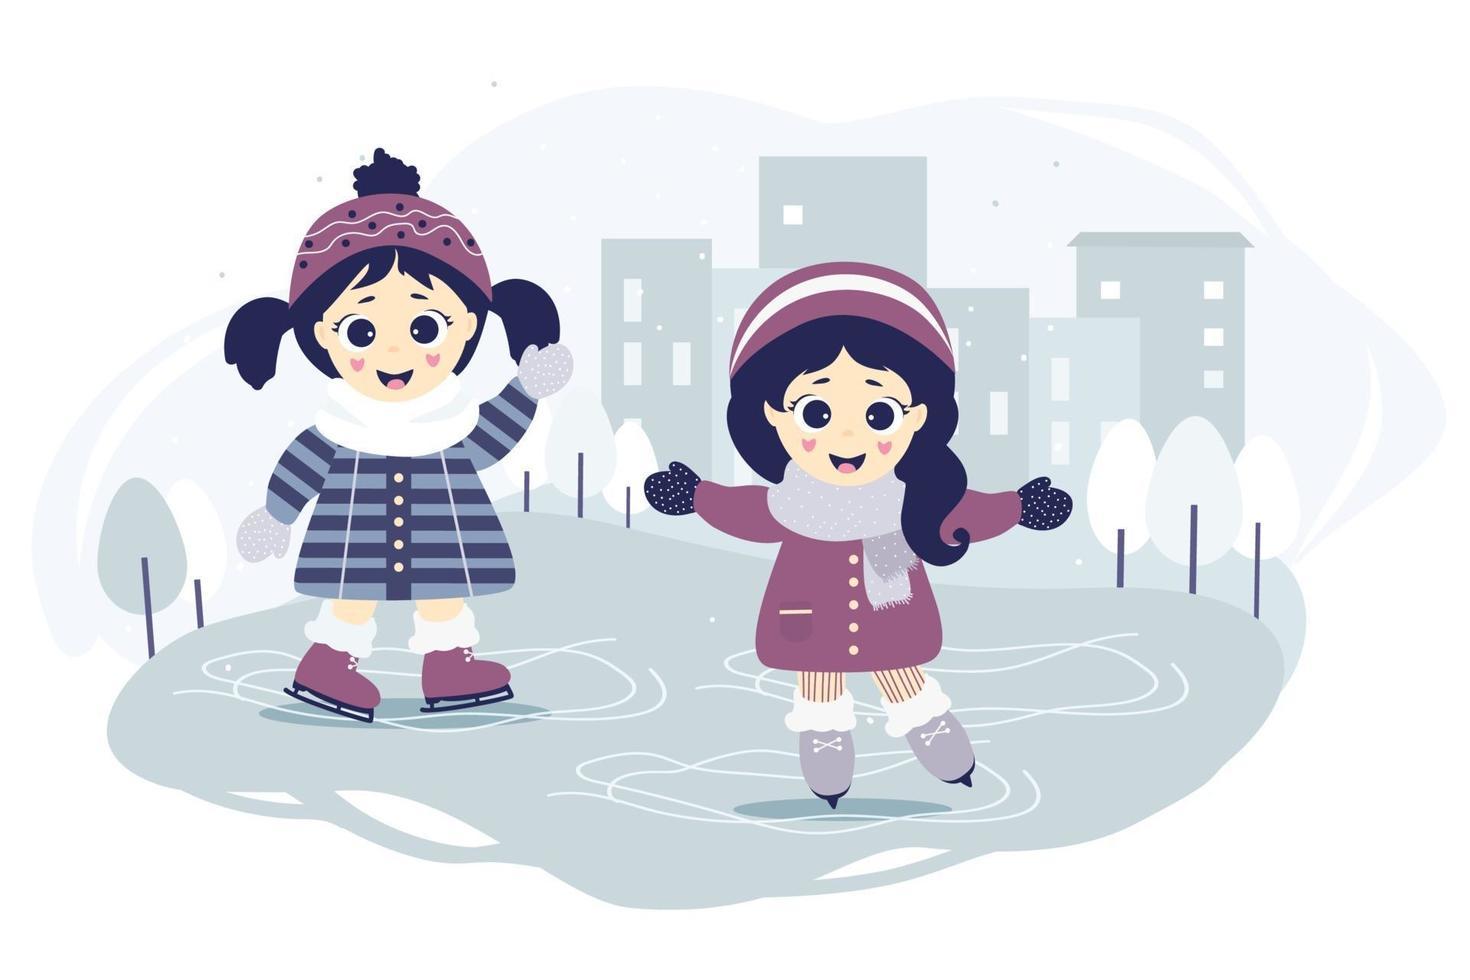 ragazze felici pattinaggio su ghiaccio vettore